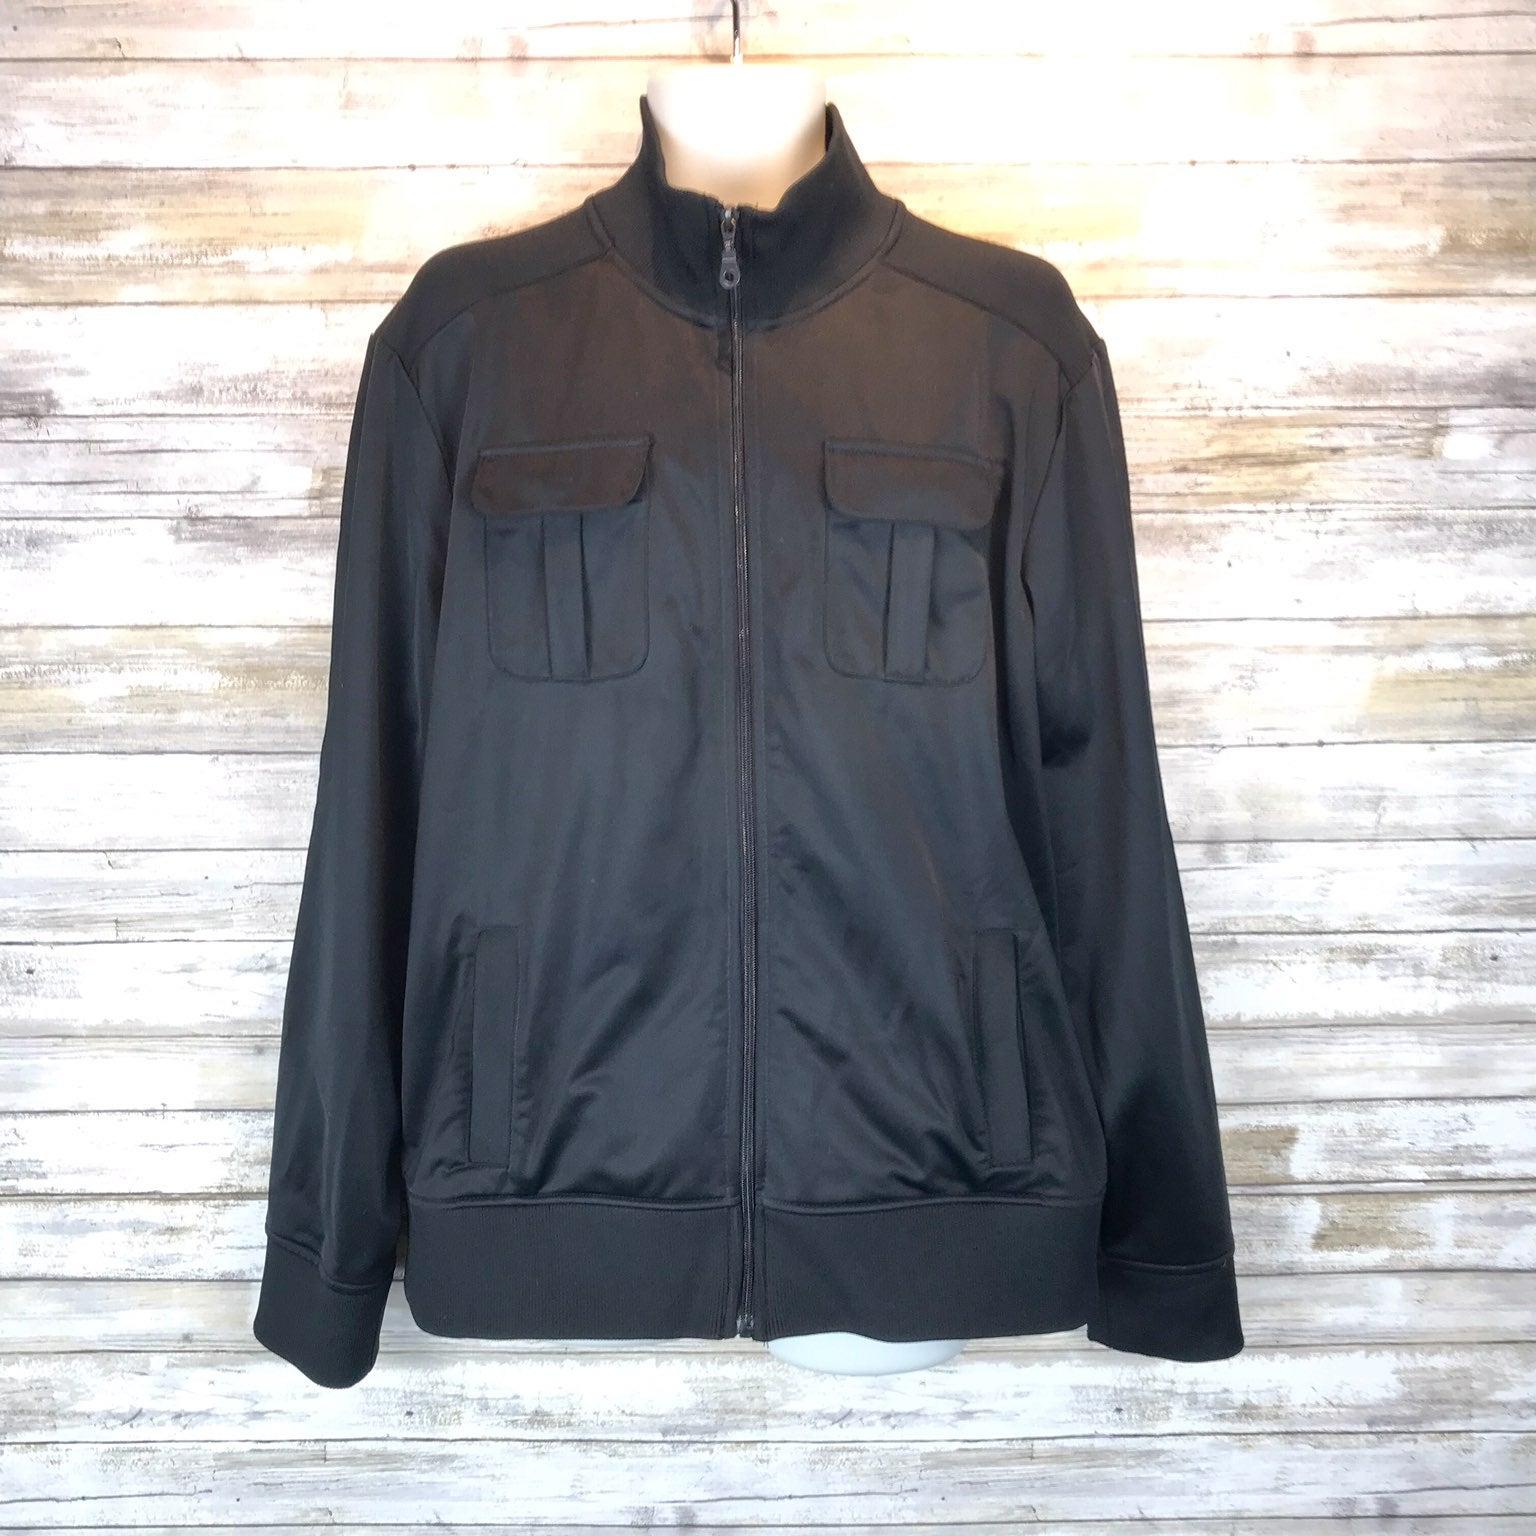 APT 9 black zipper jacket sz XL